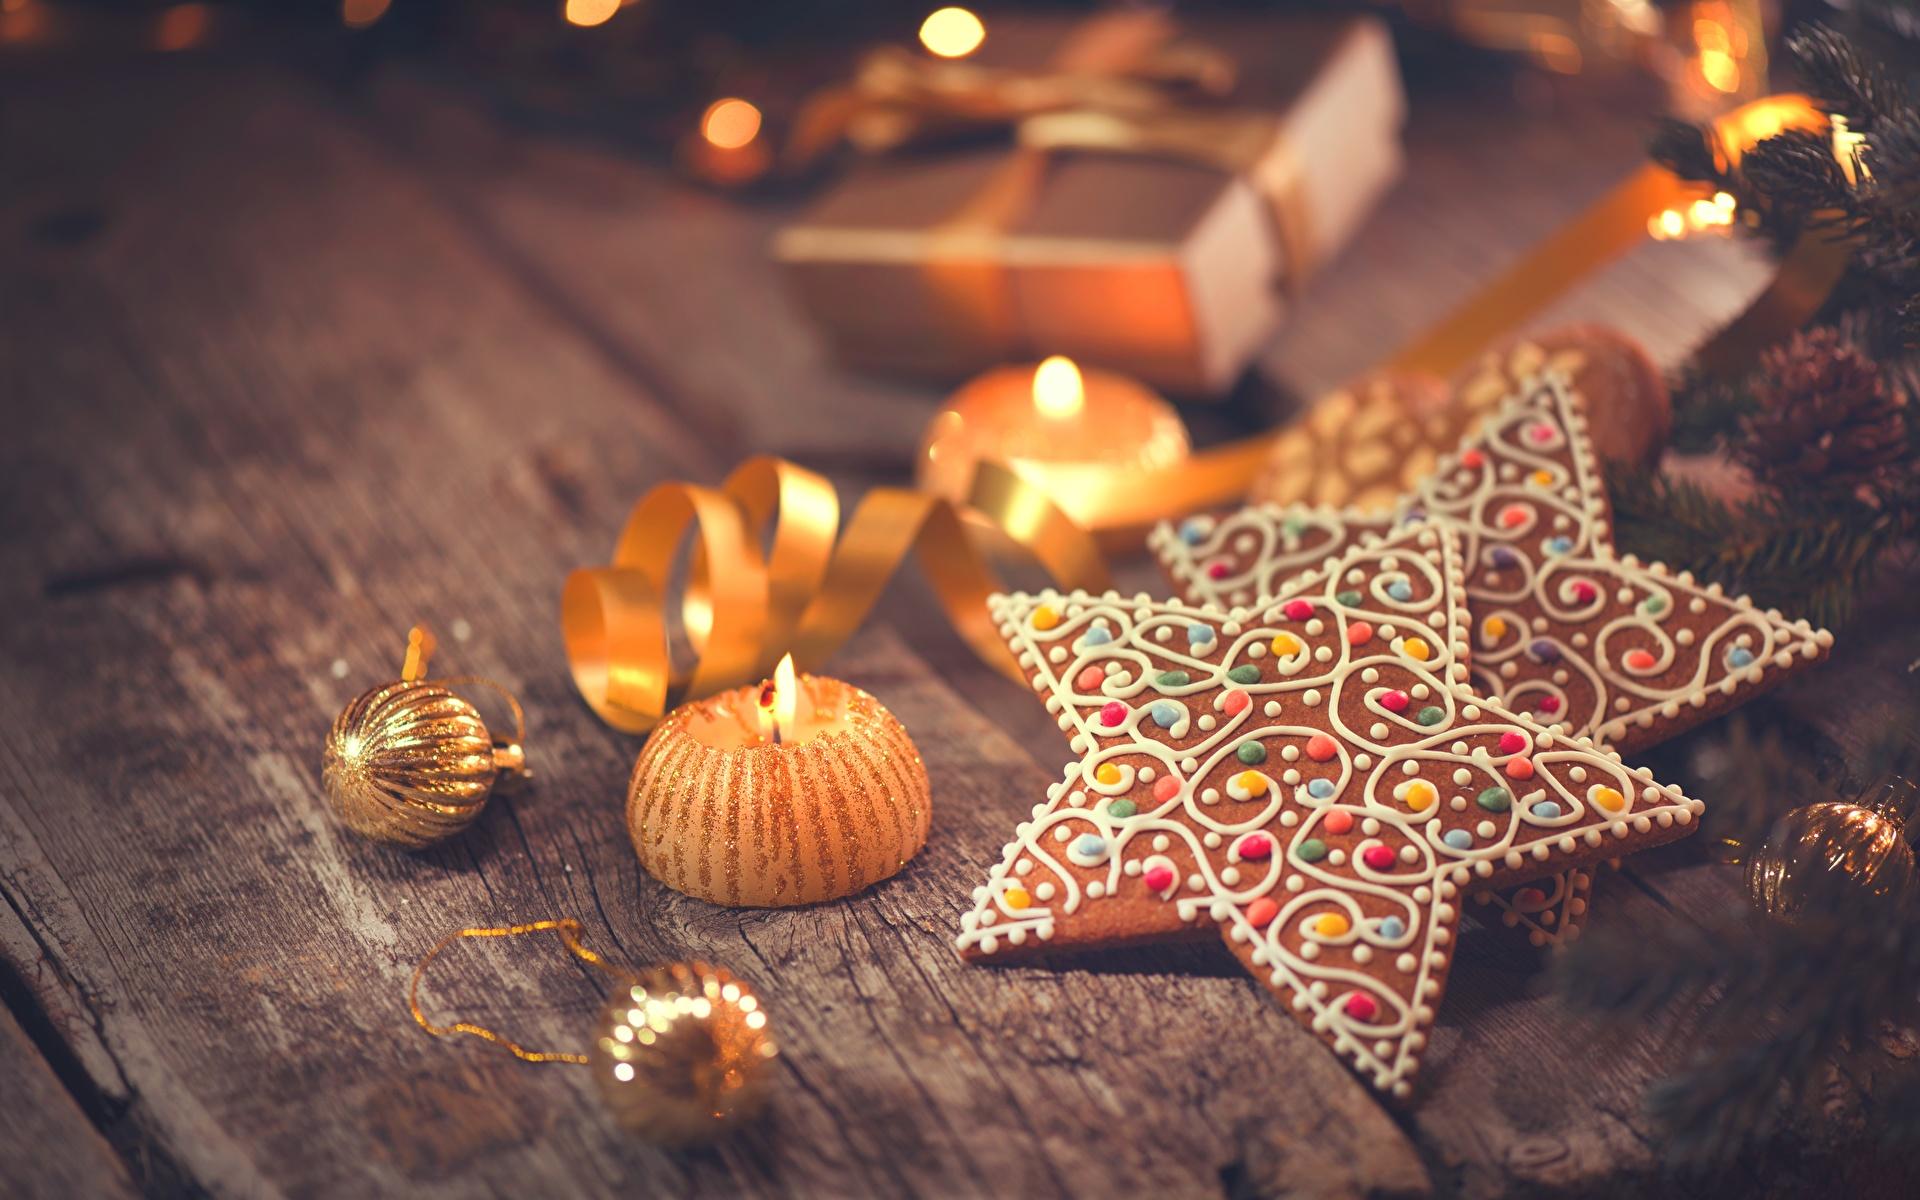 Поздравления Cookies_Christmas_Candles_Star_decoration_574553_1920x1200